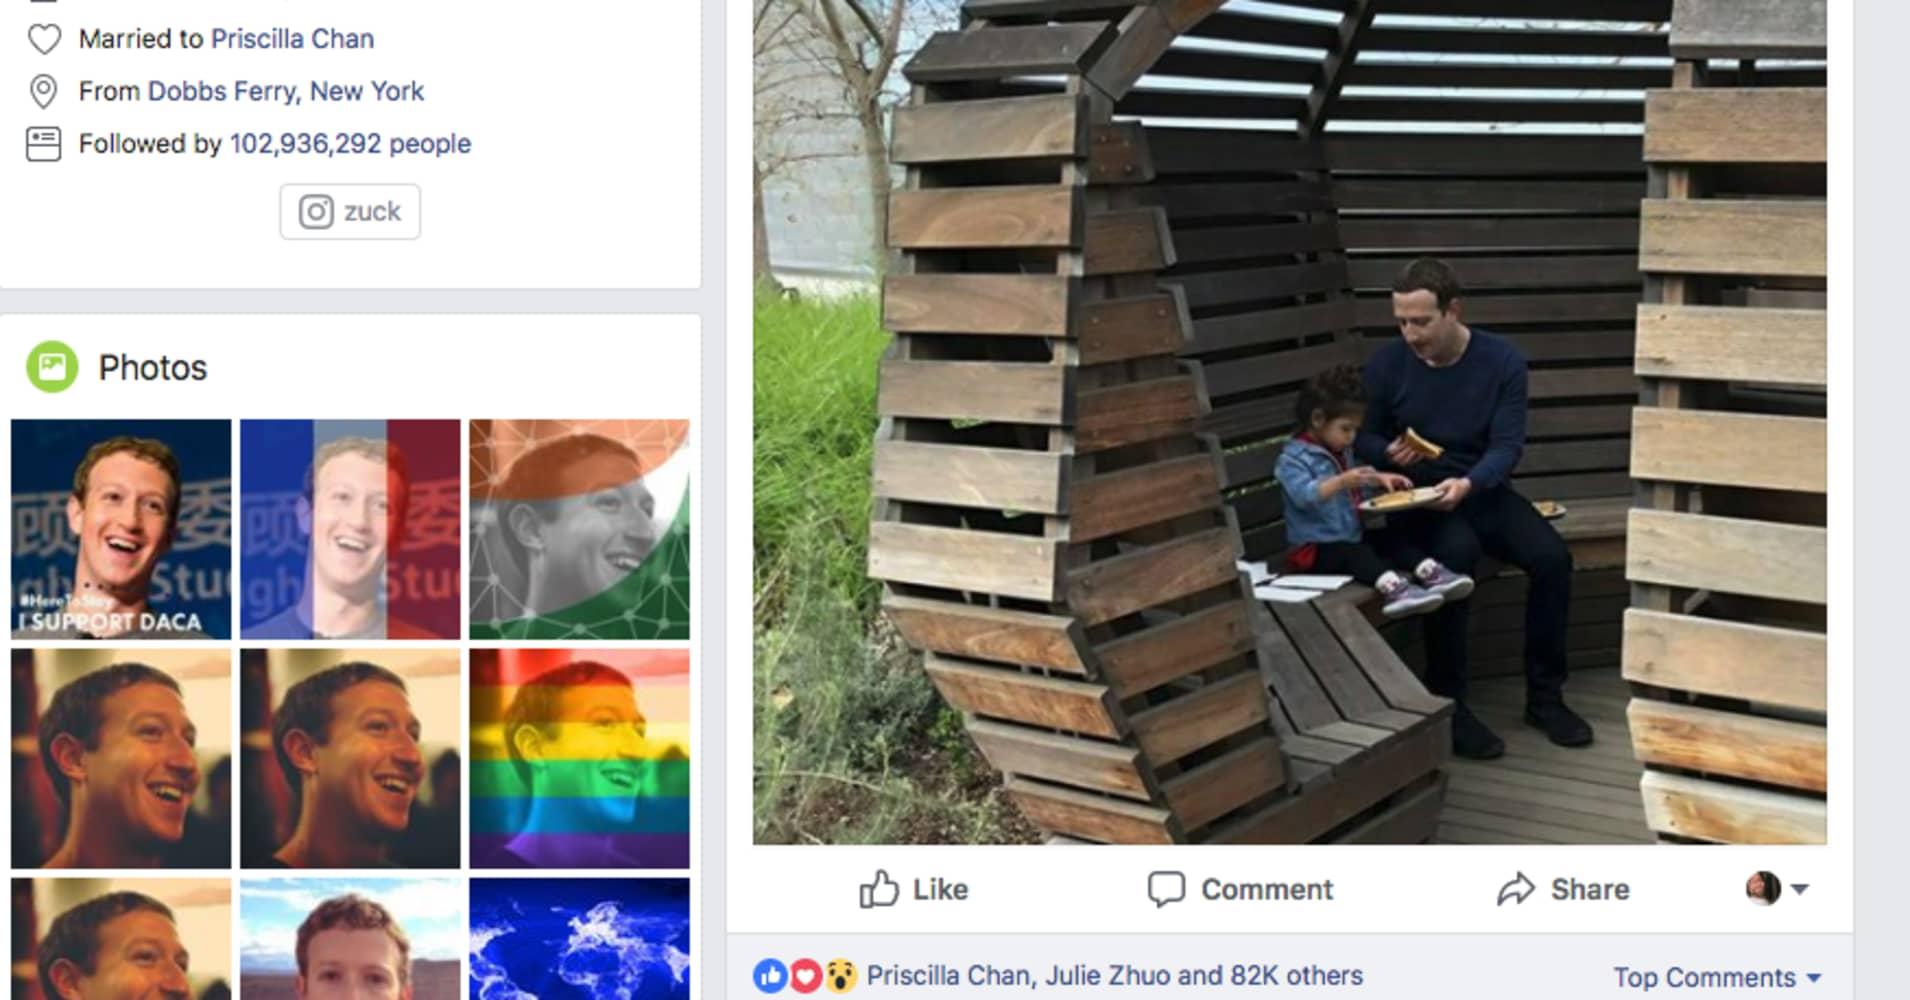 Mark Zuckerberg's Valentine's Day photo got spammed after Facebook blocked an Ethiopian activist